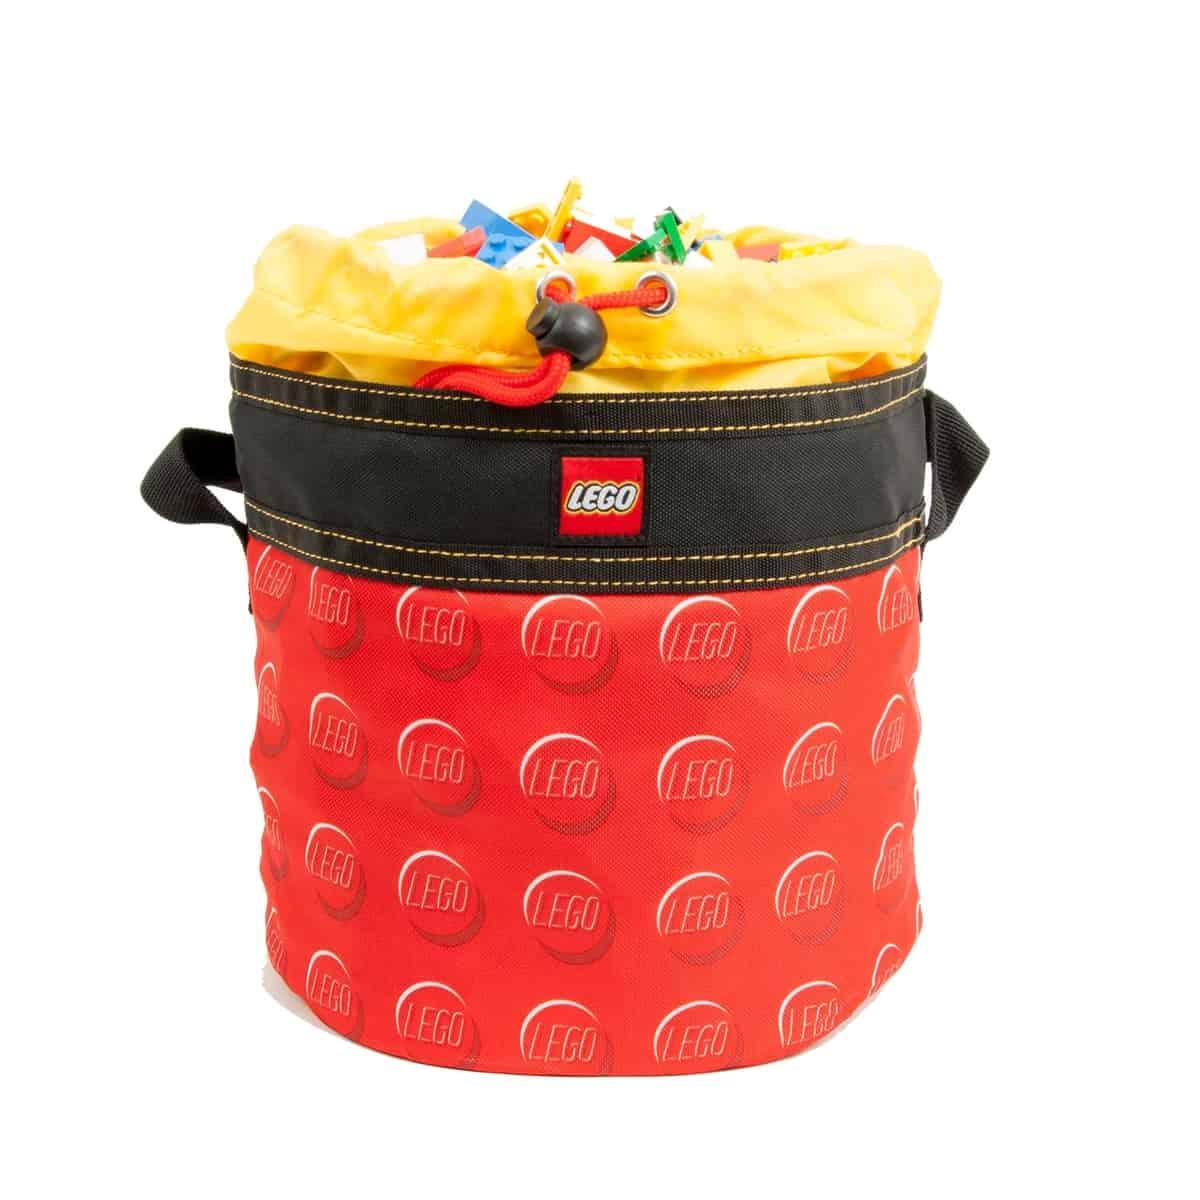 lego 5005353 red cinch bucket